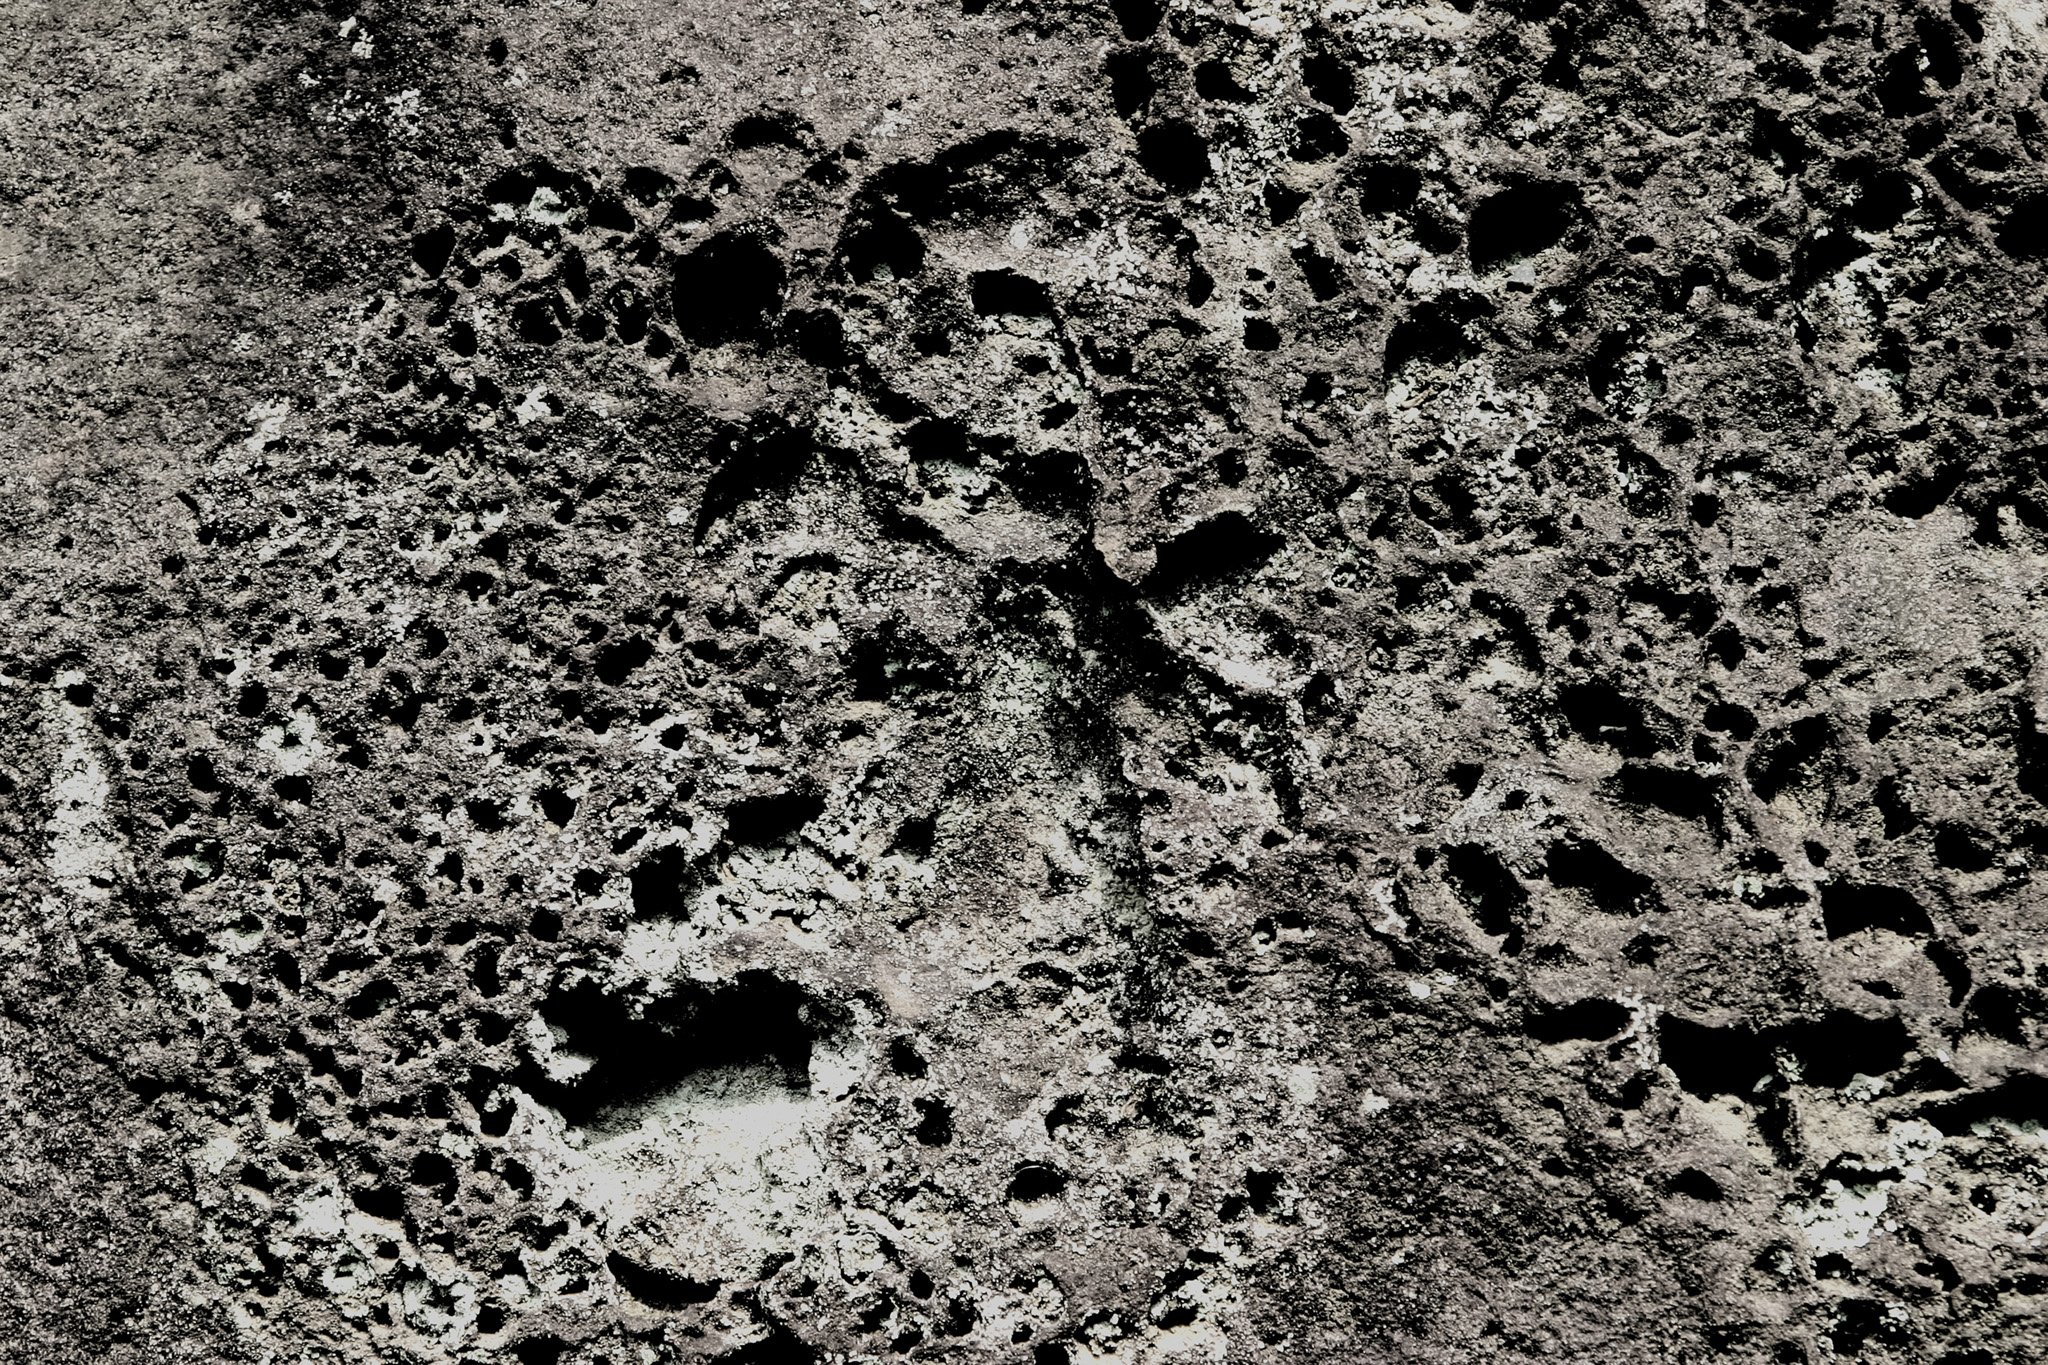 「丸い穴が幾つも開いた石」の素材を無料ダウンロード